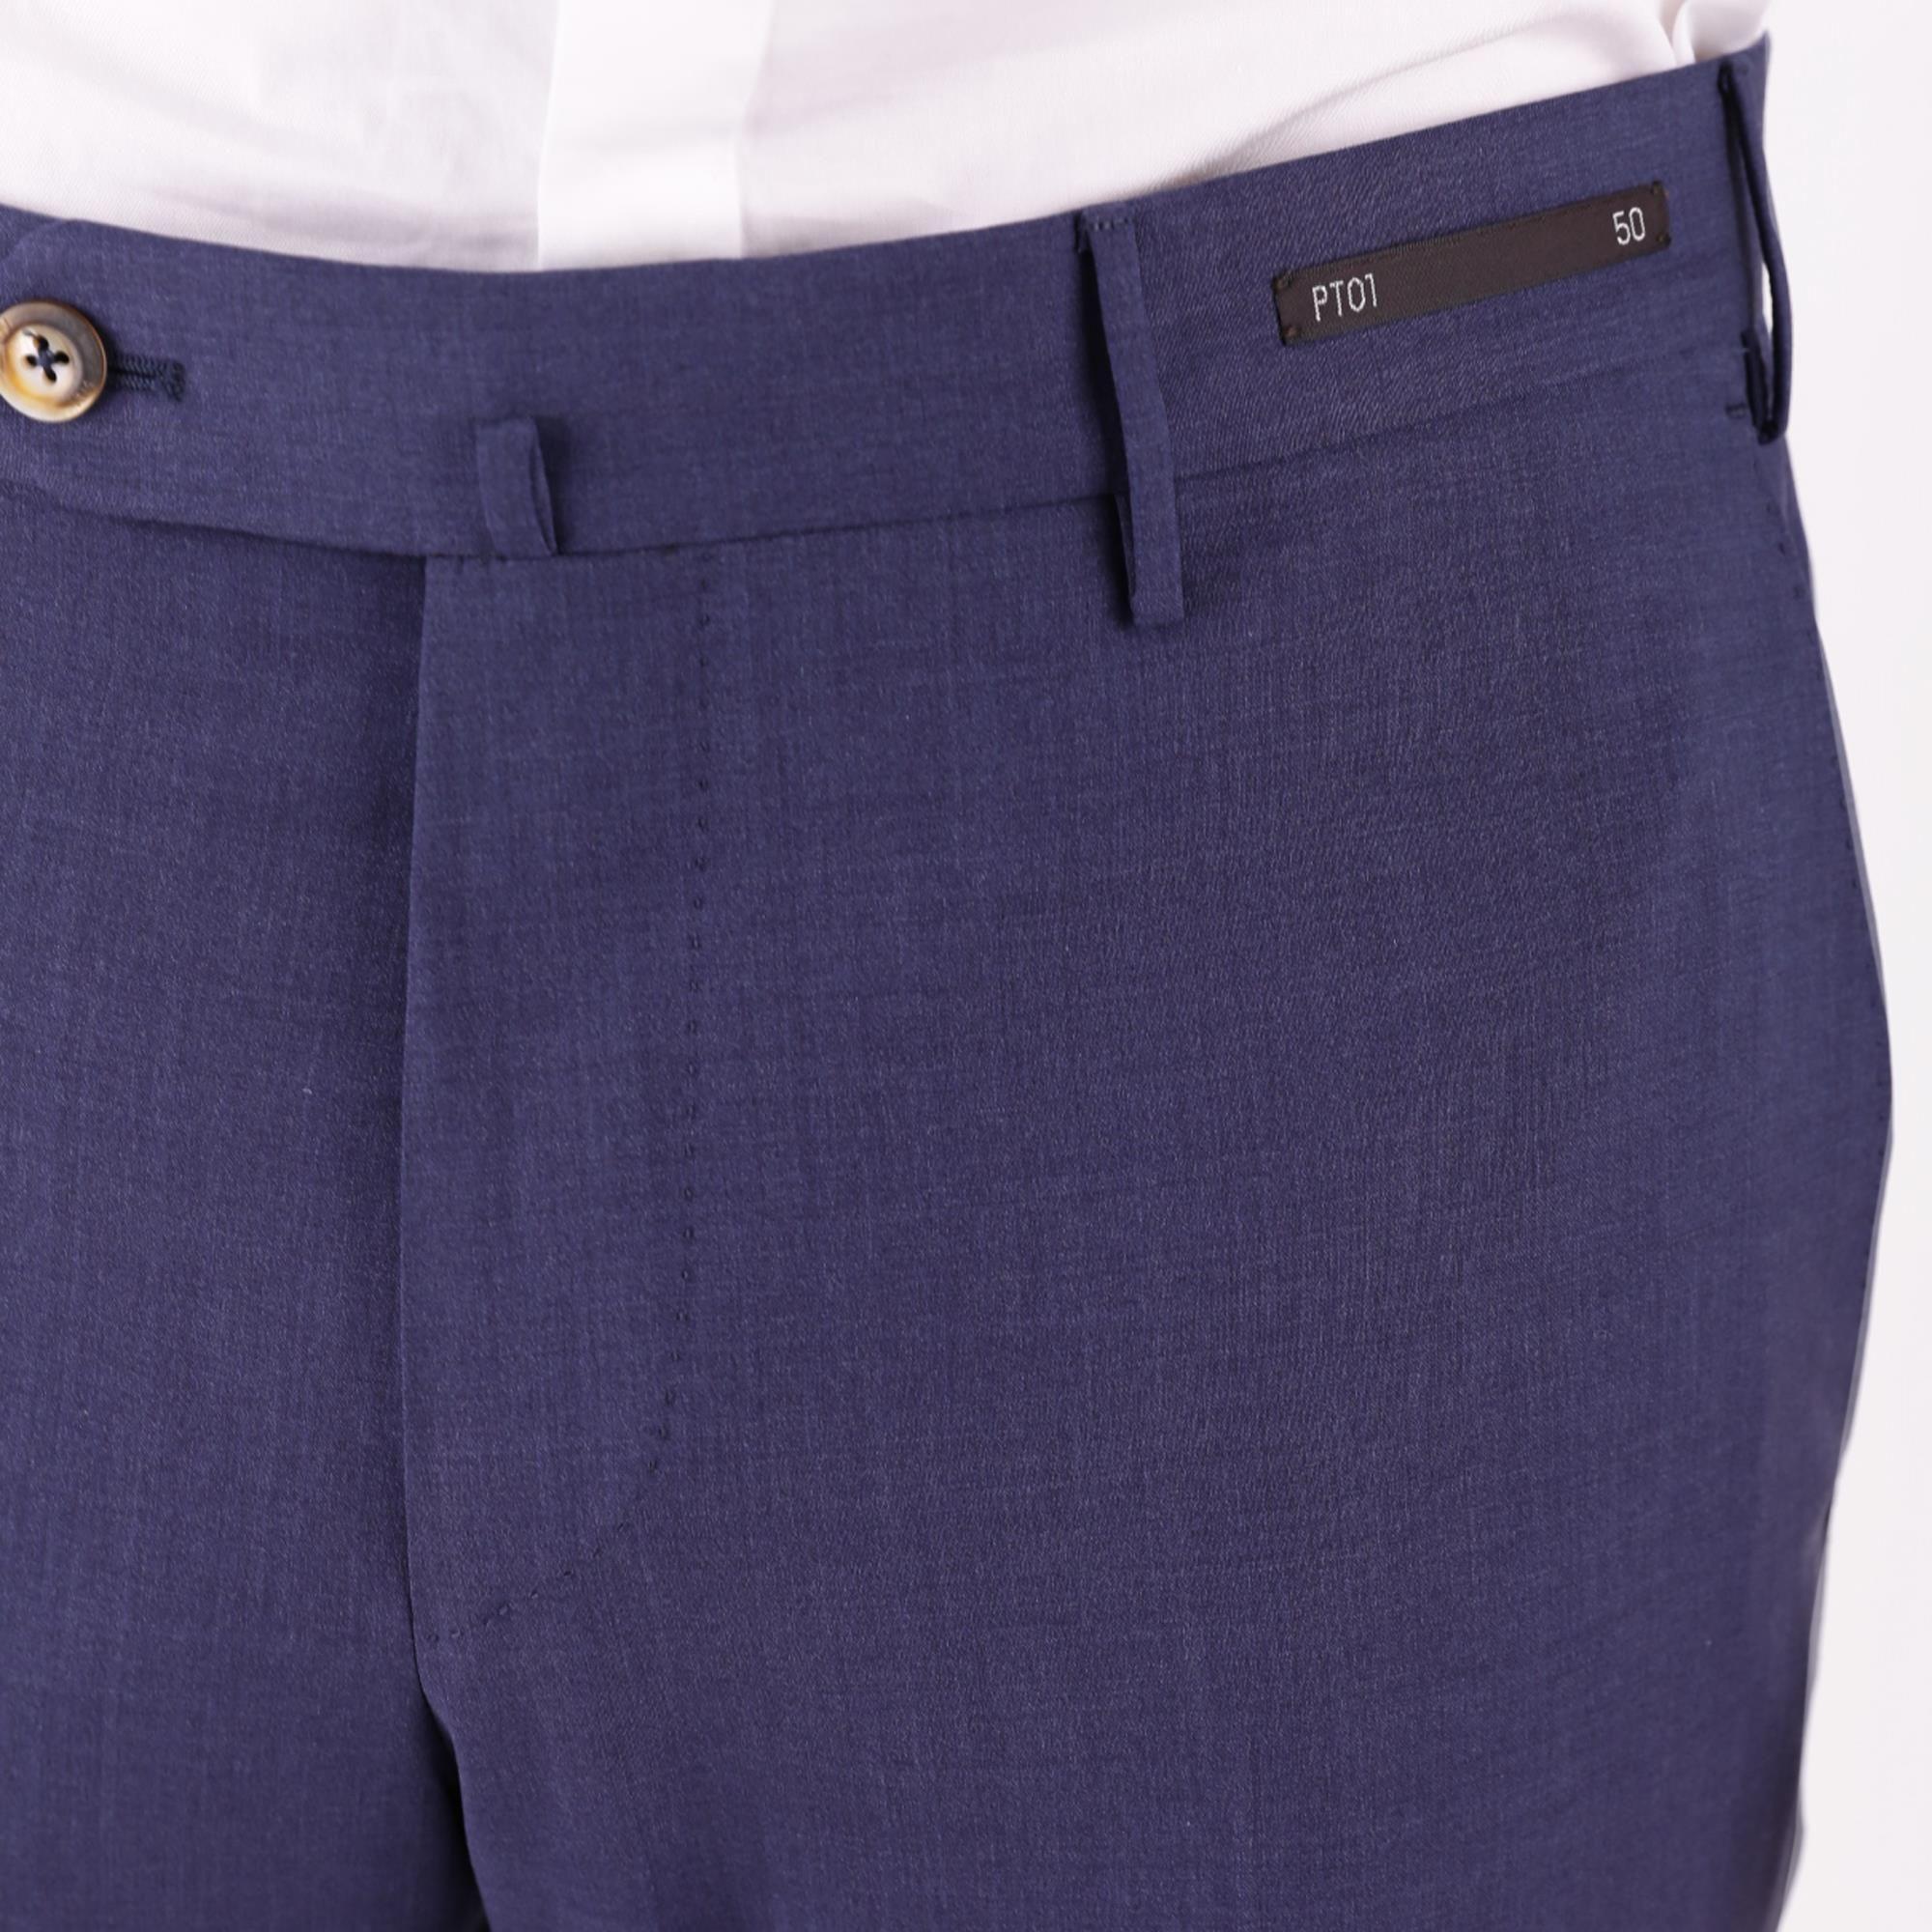 PT01 MEN'S DSTVZ00NTVRE650340 BLUE COTTON PANTS